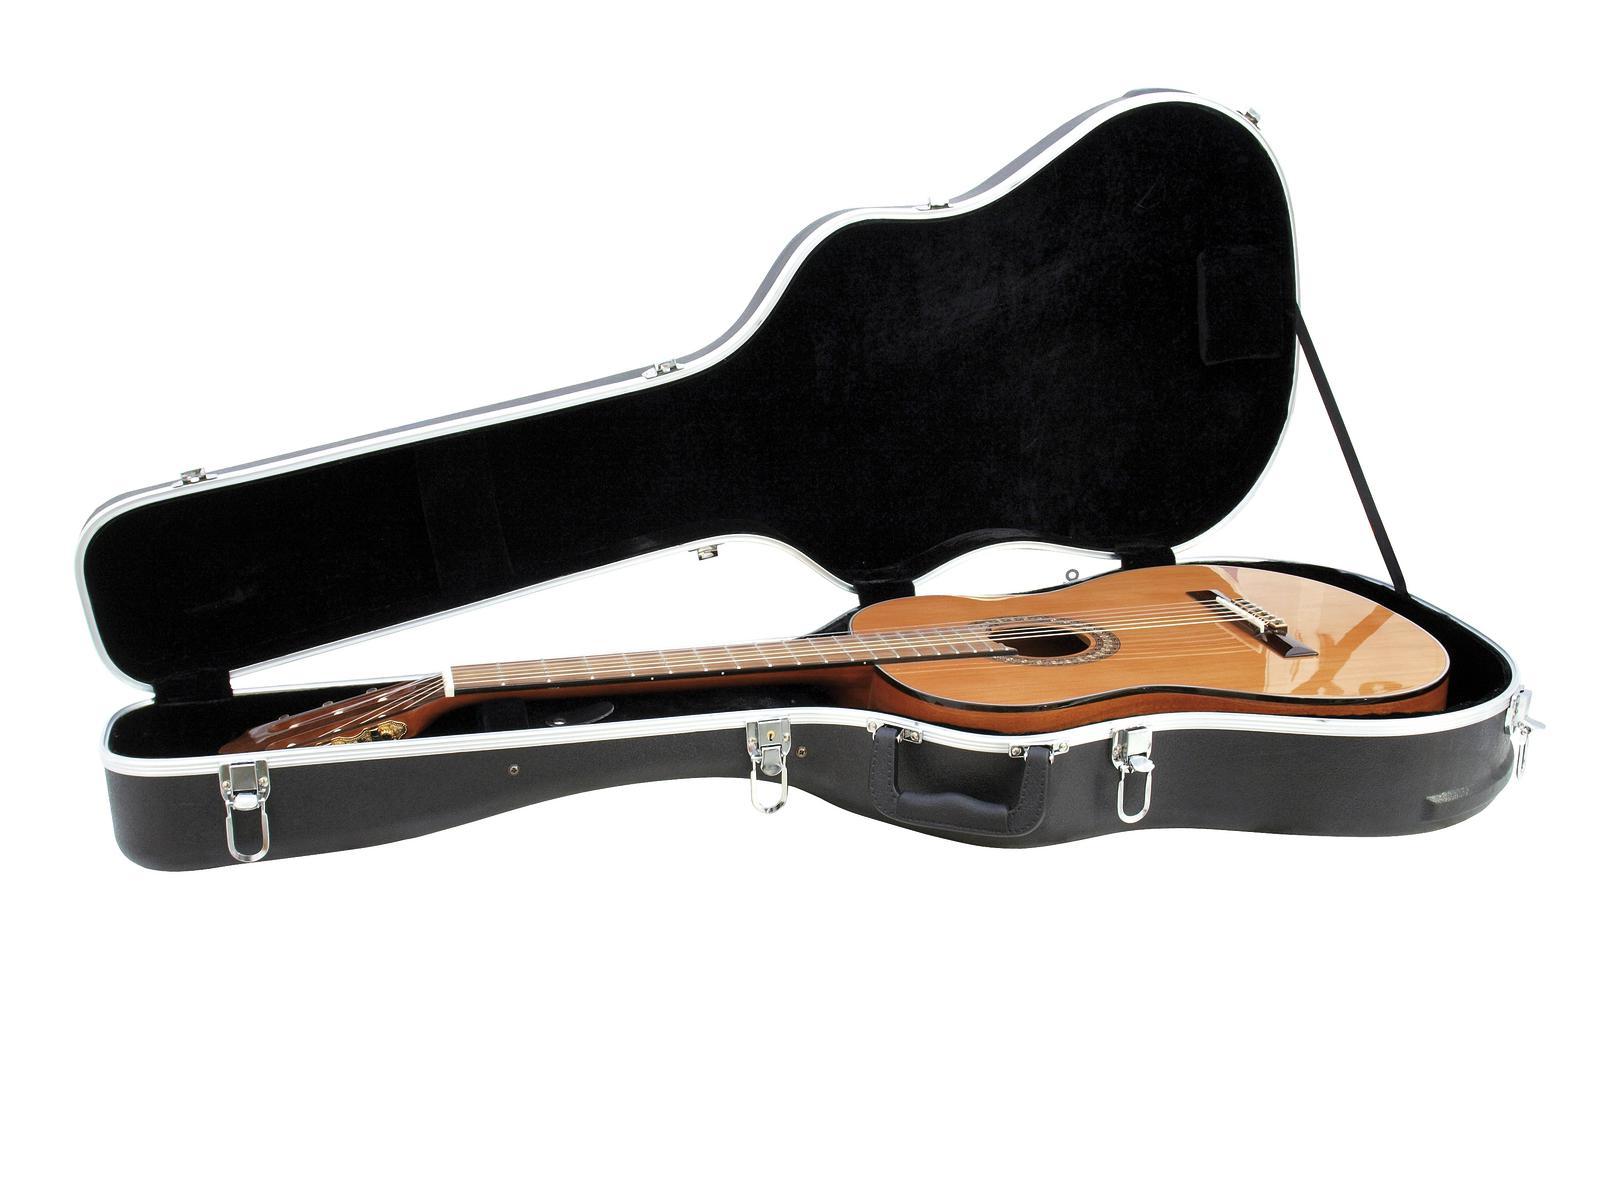 Guitarkasse til western guitar